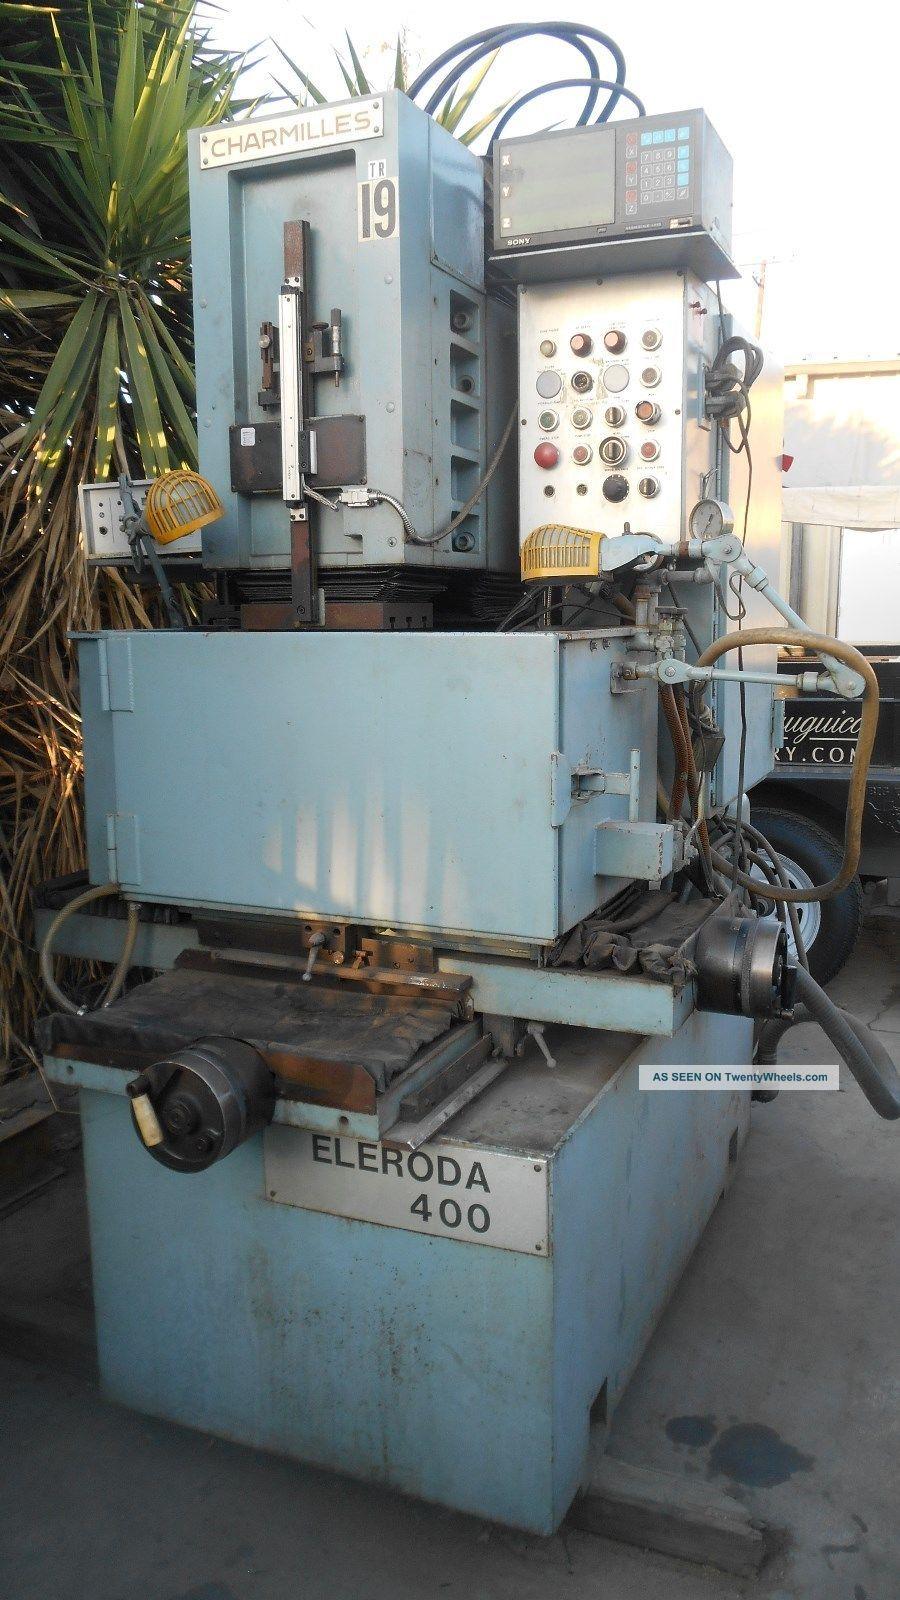 Charmilles 400d Edm Machine EDM Machines photo